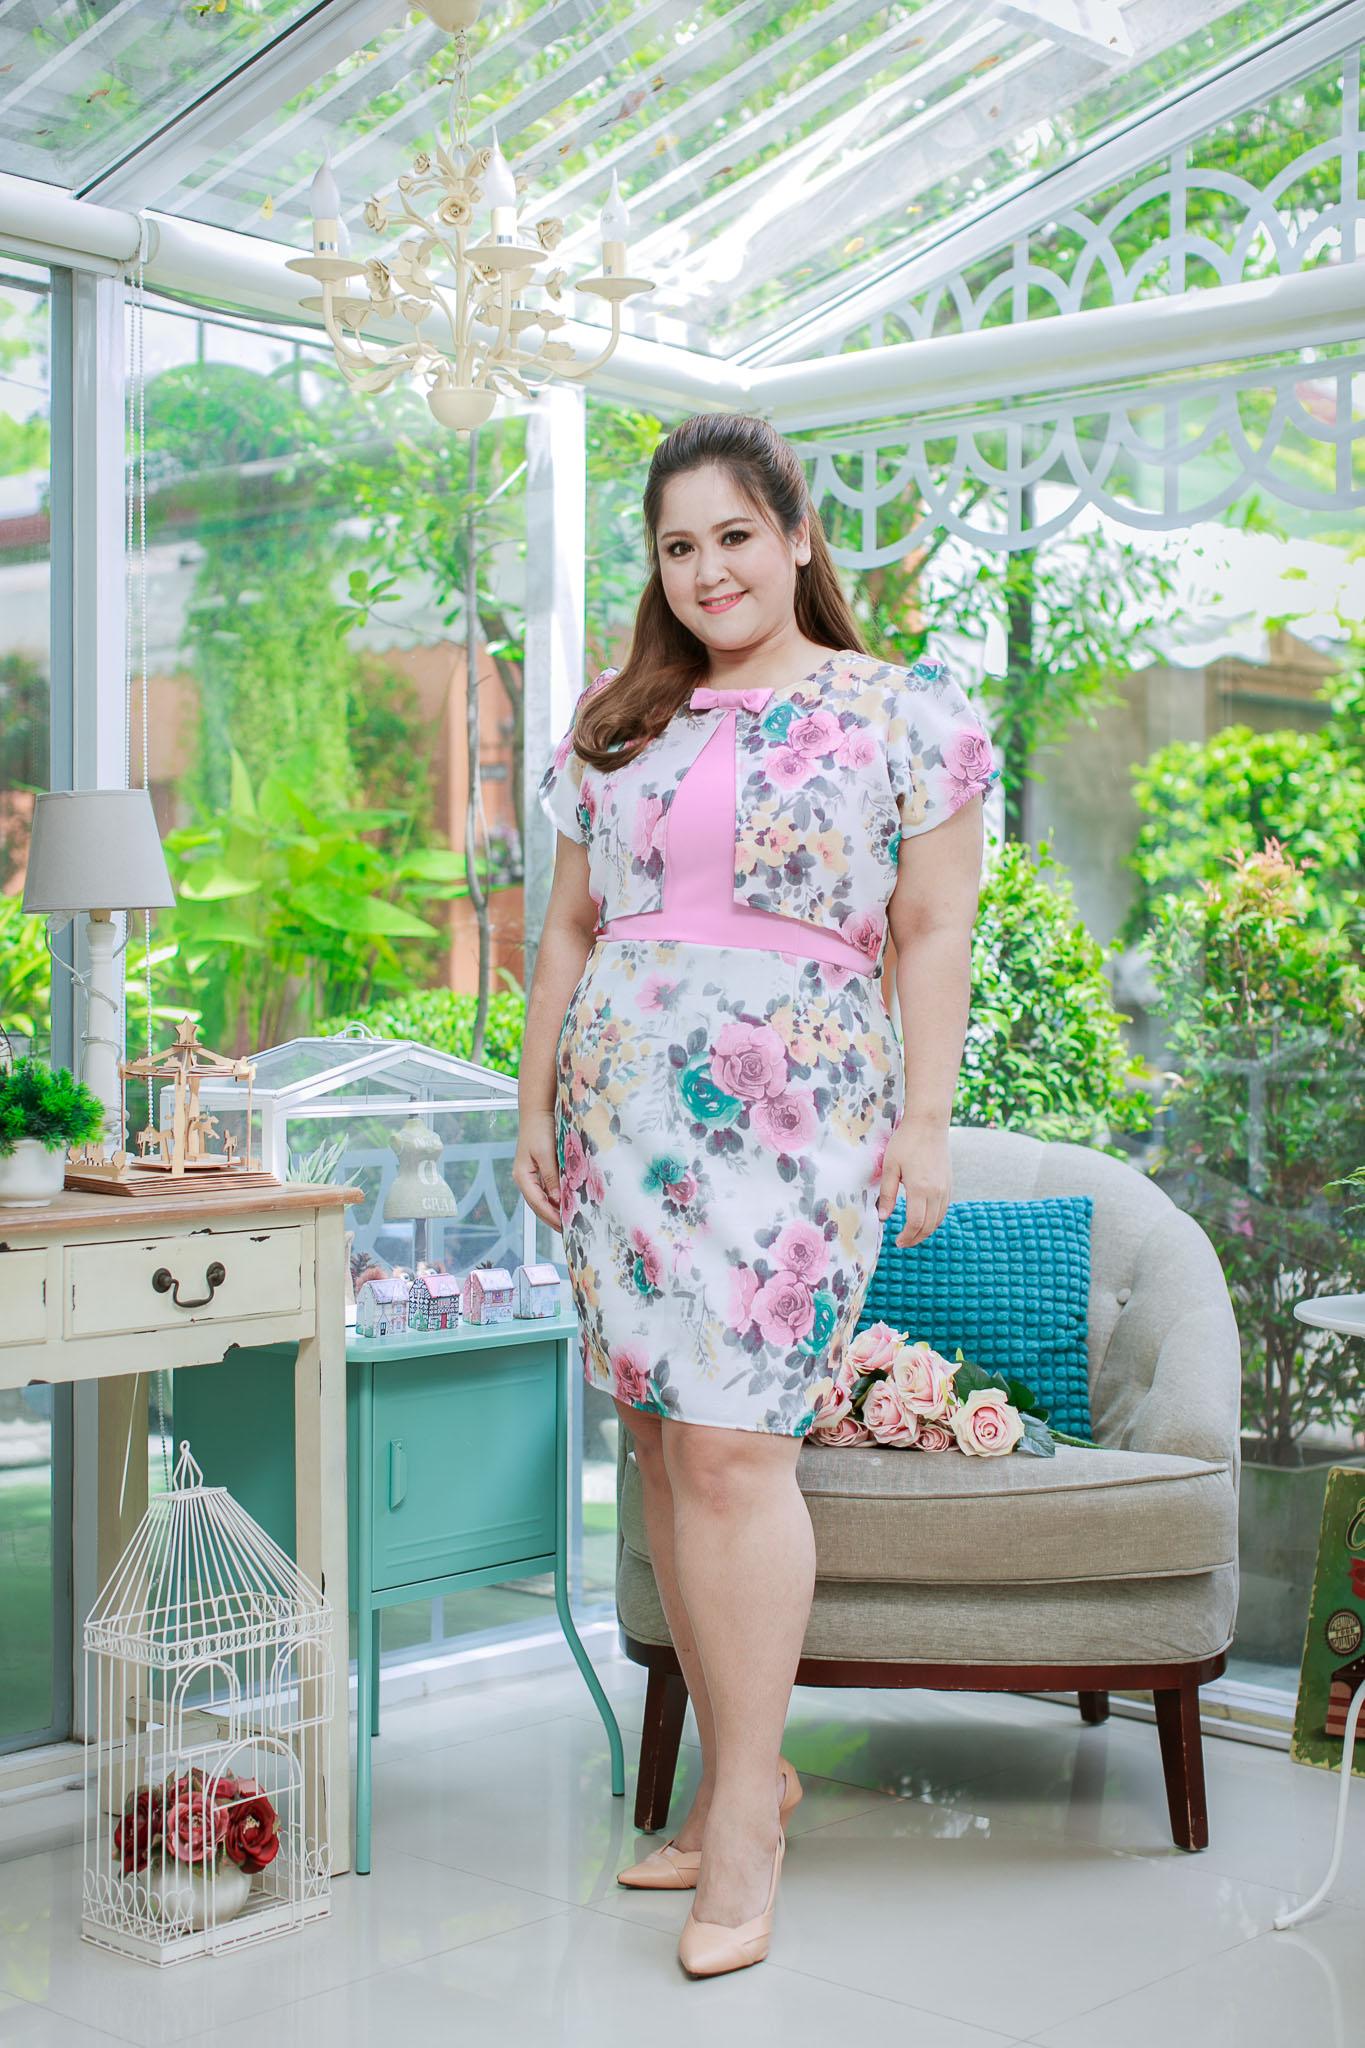 5XL ชุดเดรสสาวอวบ++ผ้าkorea print ทอลายดอกโทนสีชมพู จุดเด่นของชุดนี้ ดีไซน์กั๊กสุดเก๋ ติดโบว์